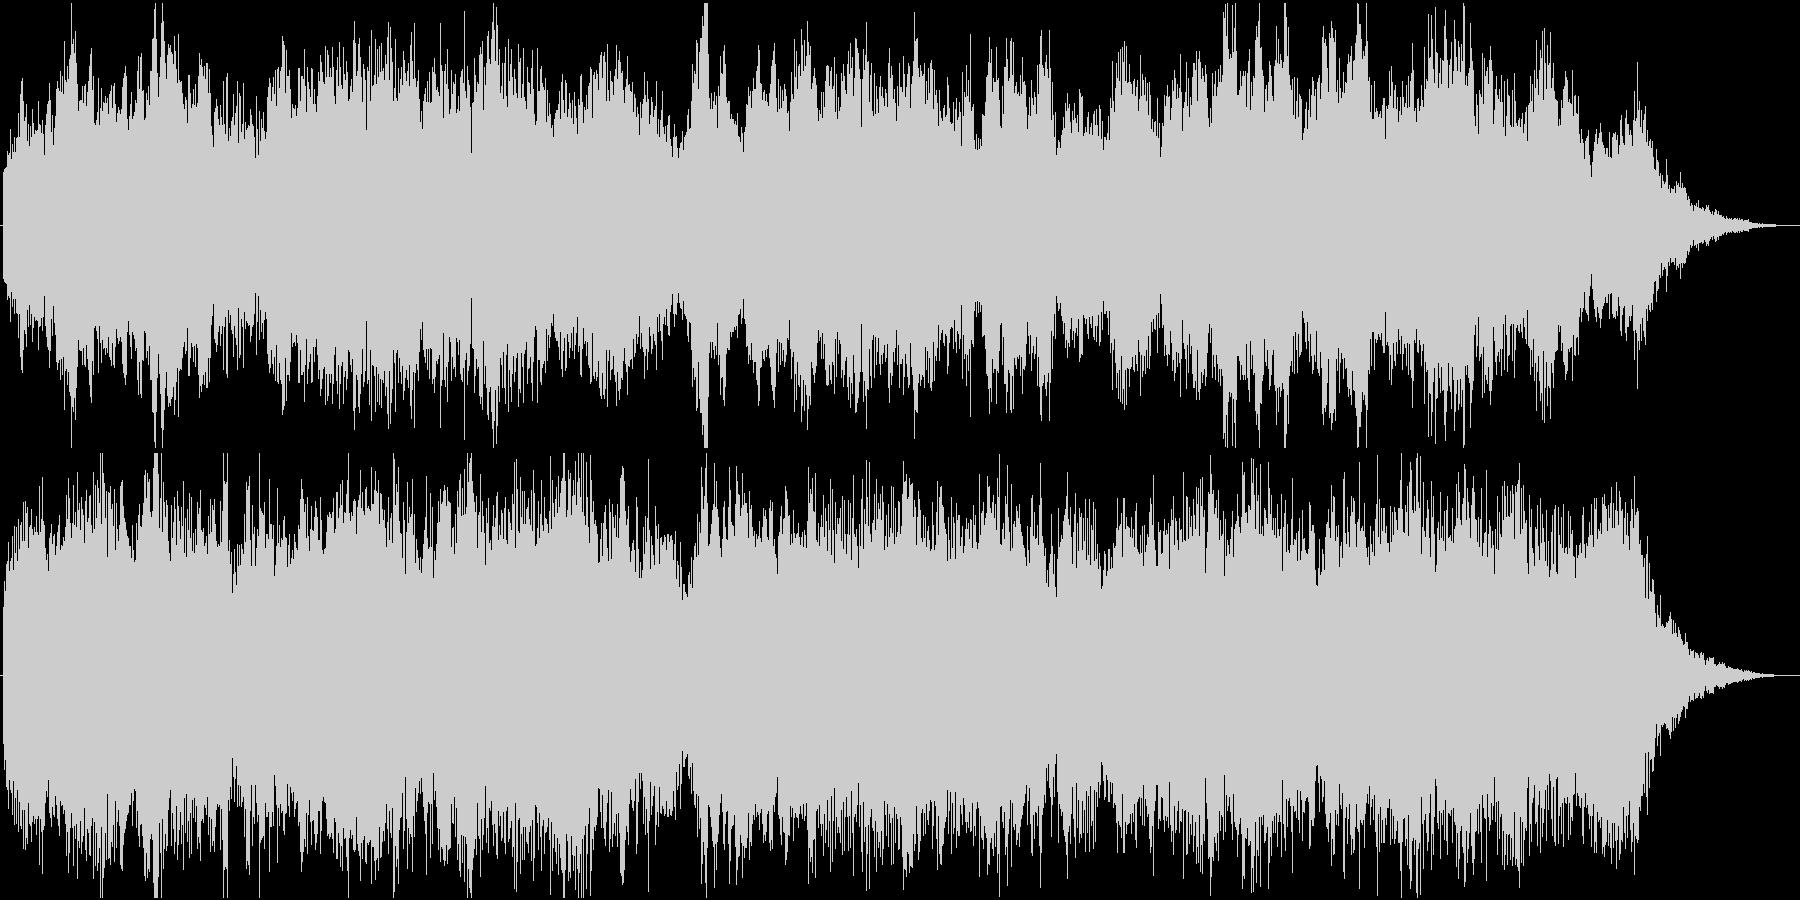 夢の中等の幻想的な雰囲気の約30秒の曲の未再生の波形